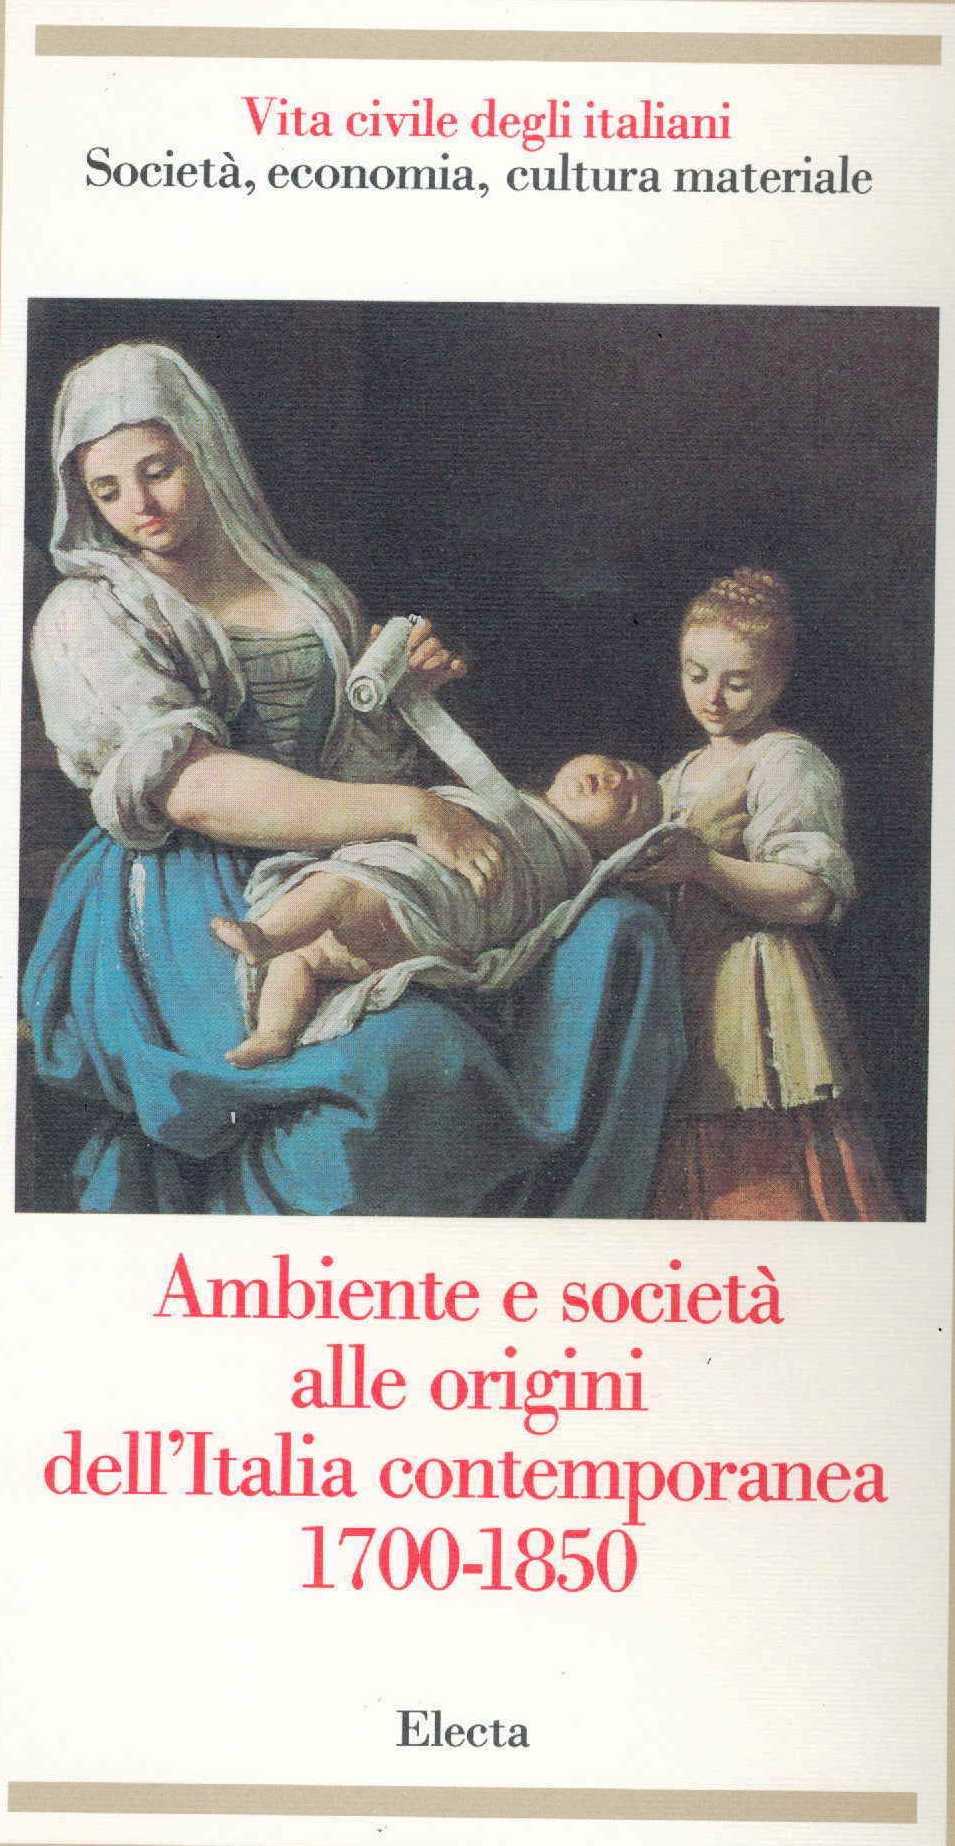 Vita civile degli italiani